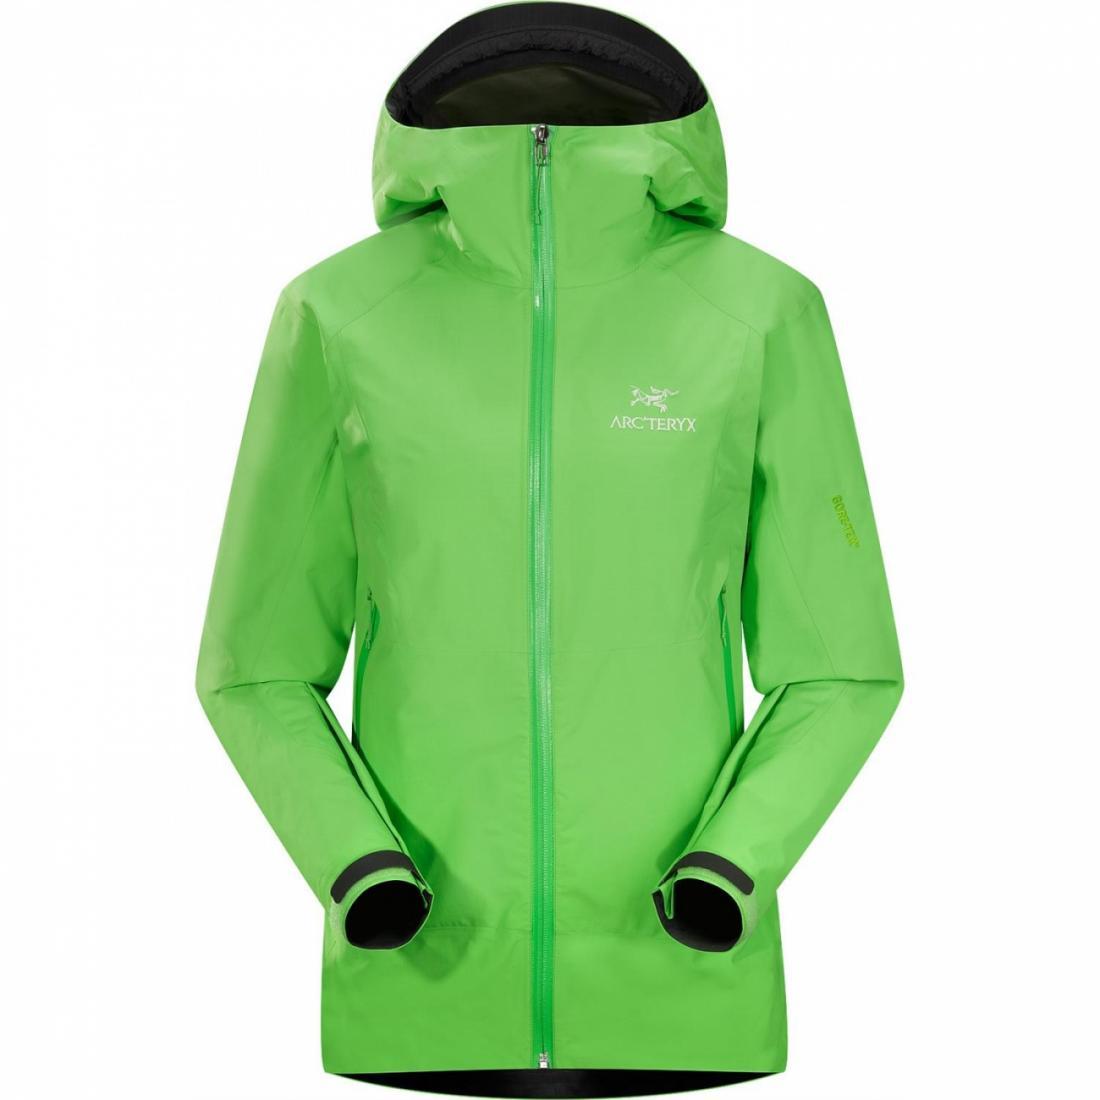 Куртка Beta SL жен.Куртки<br><br><br>Цвет: Светло-зеленый<br>Размер: XS